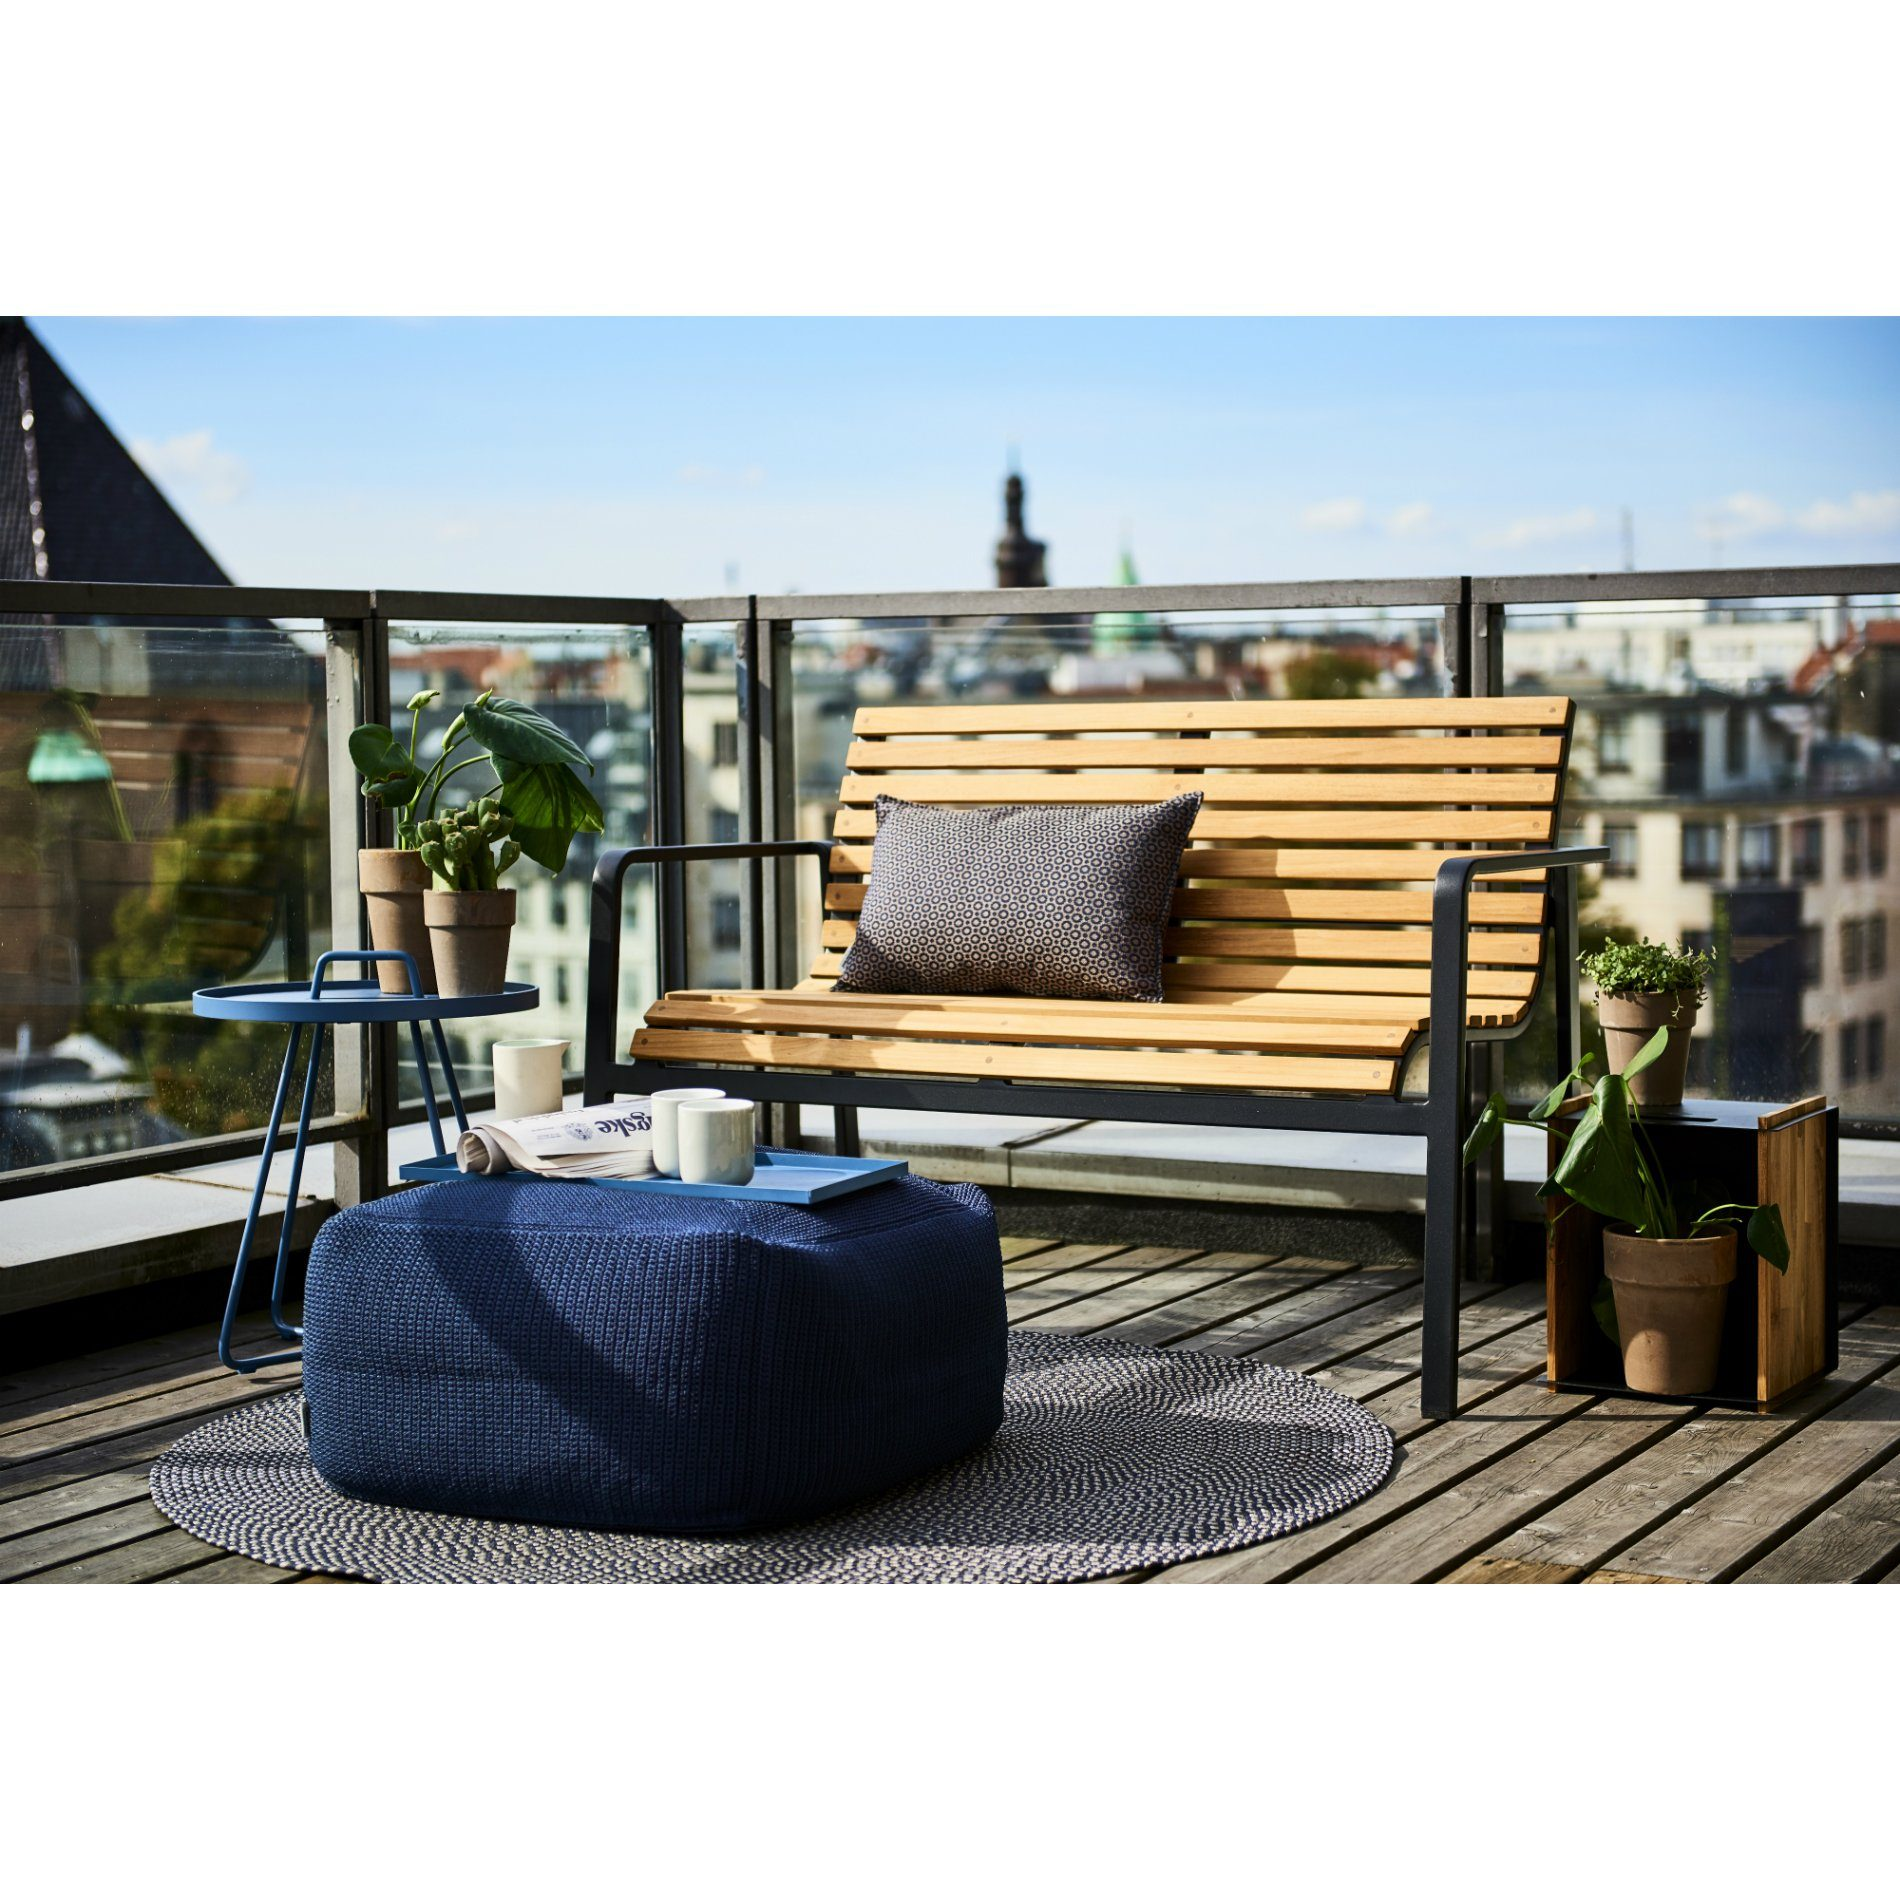 cane line gartenbank parc. Black Bedroom Furniture Sets. Home Design Ideas